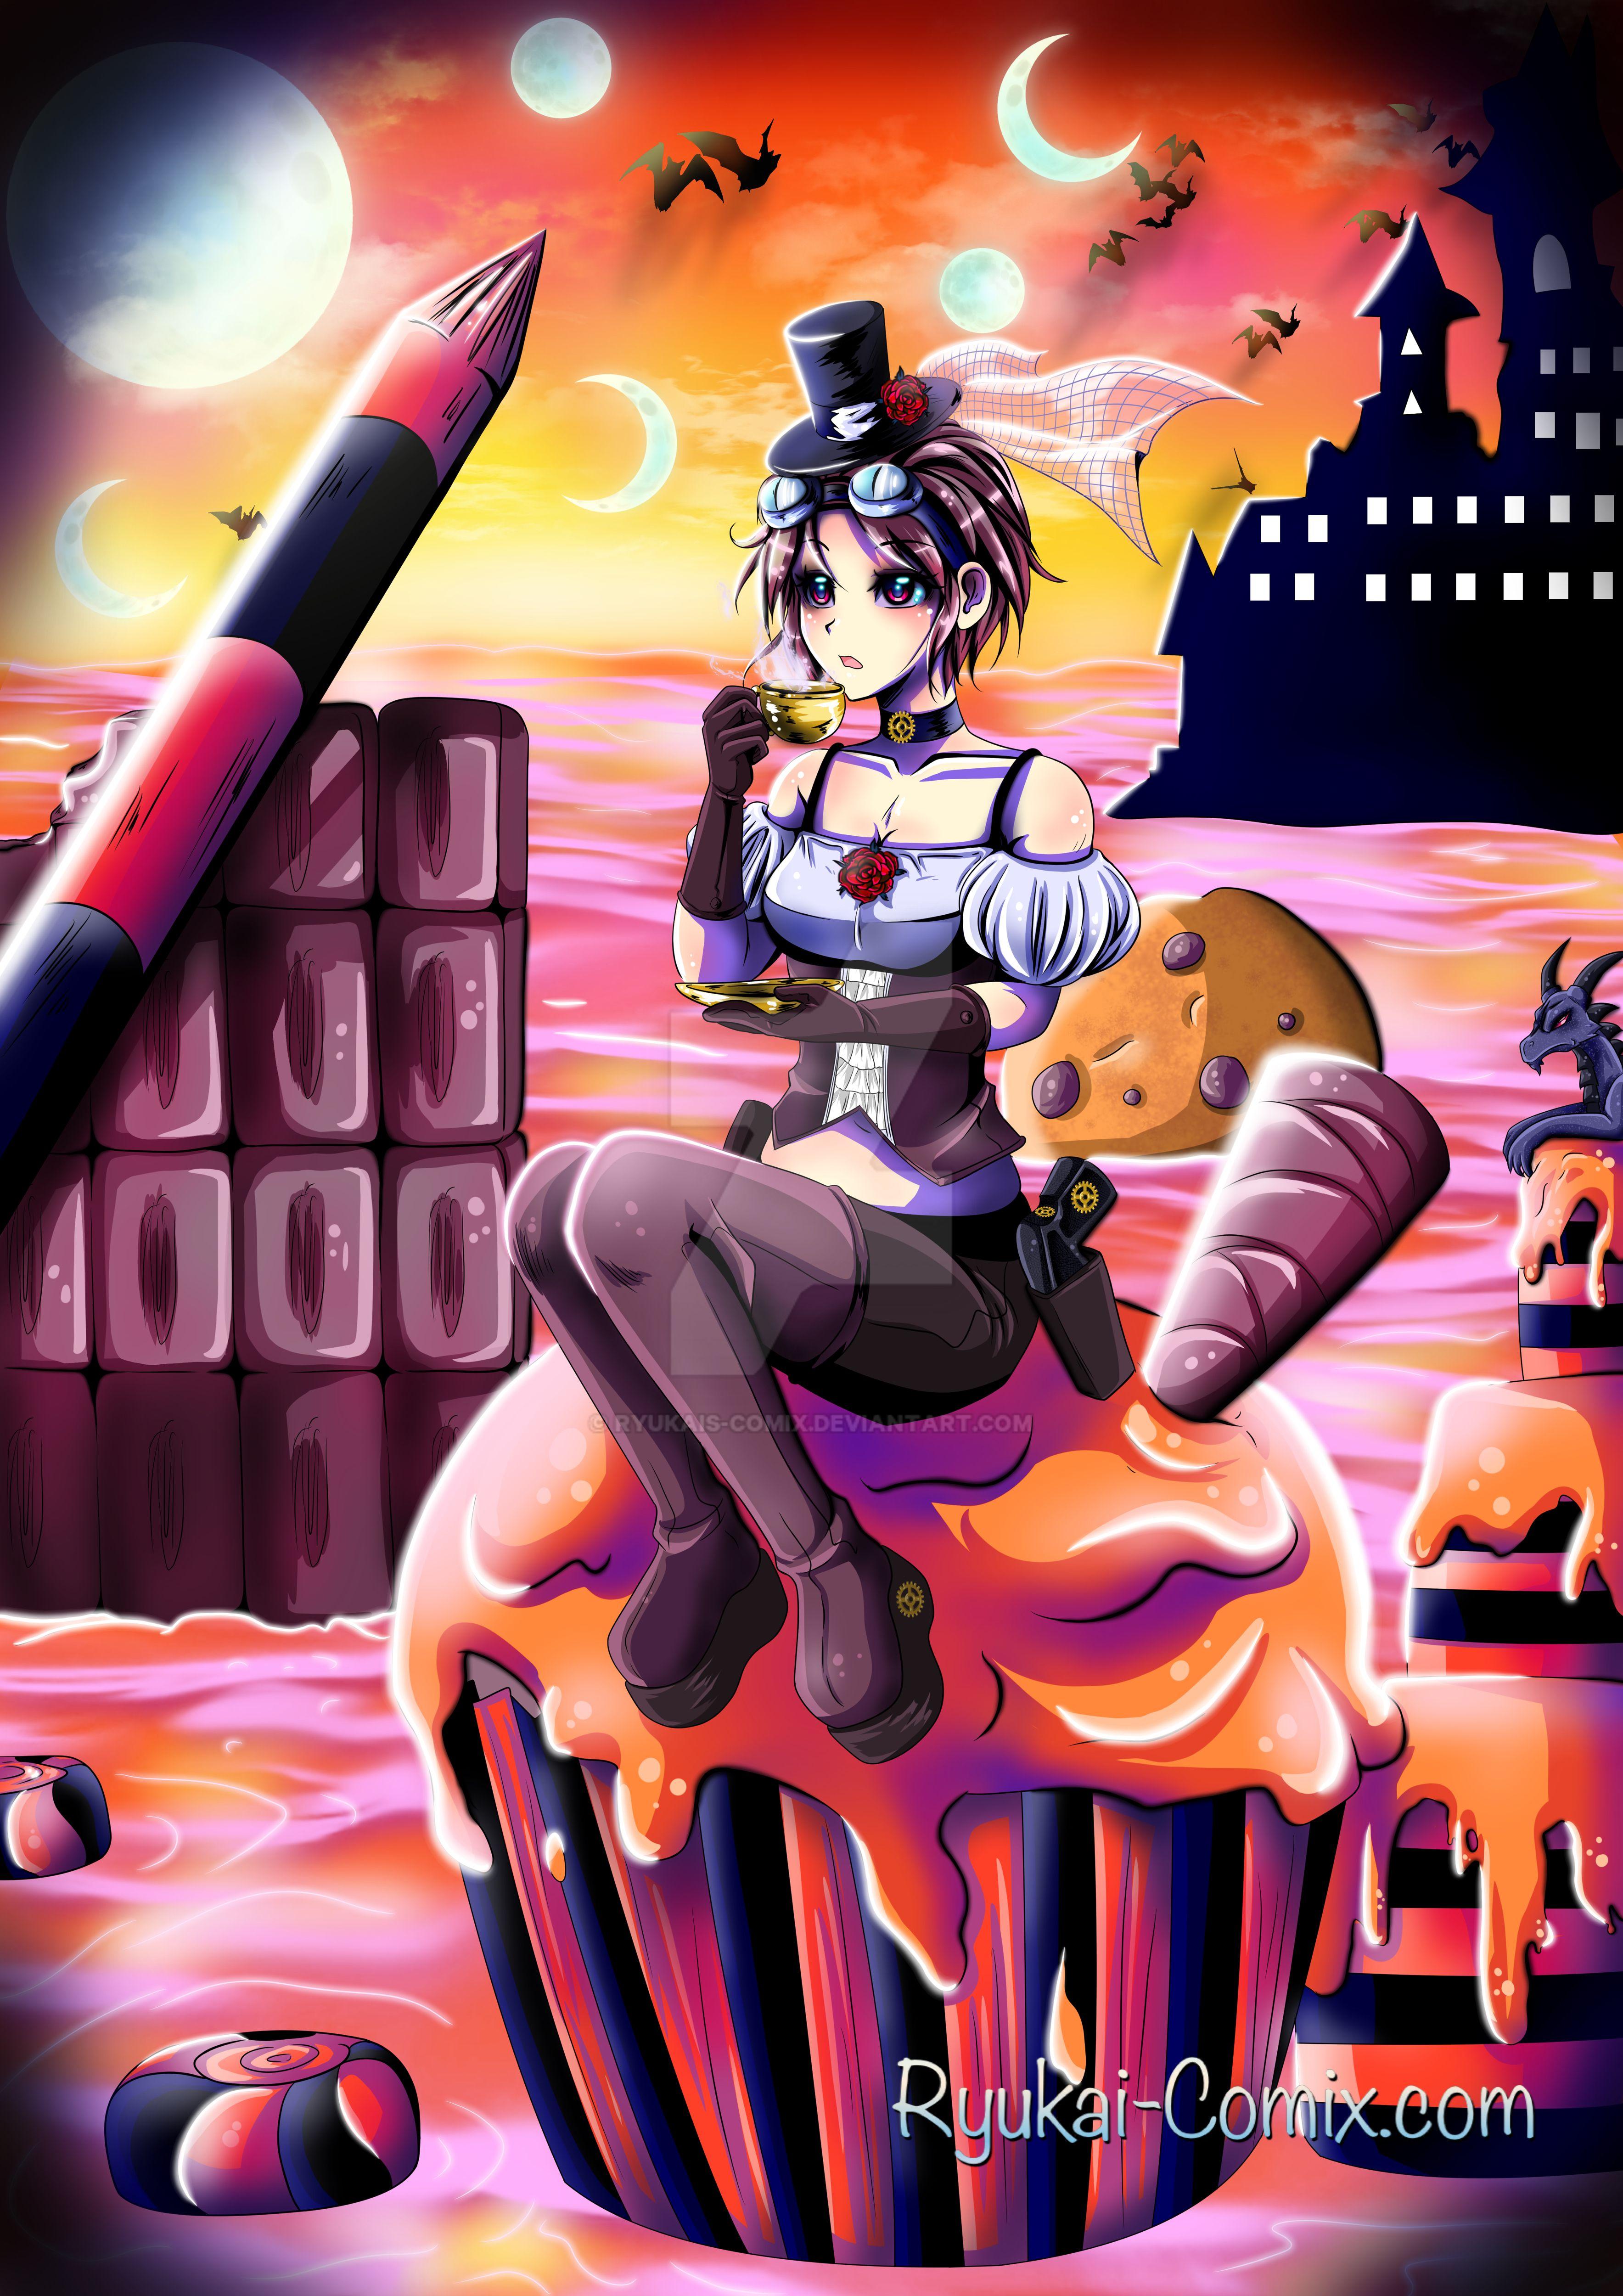 Cupcake apocalypse by RyuKais-Comix